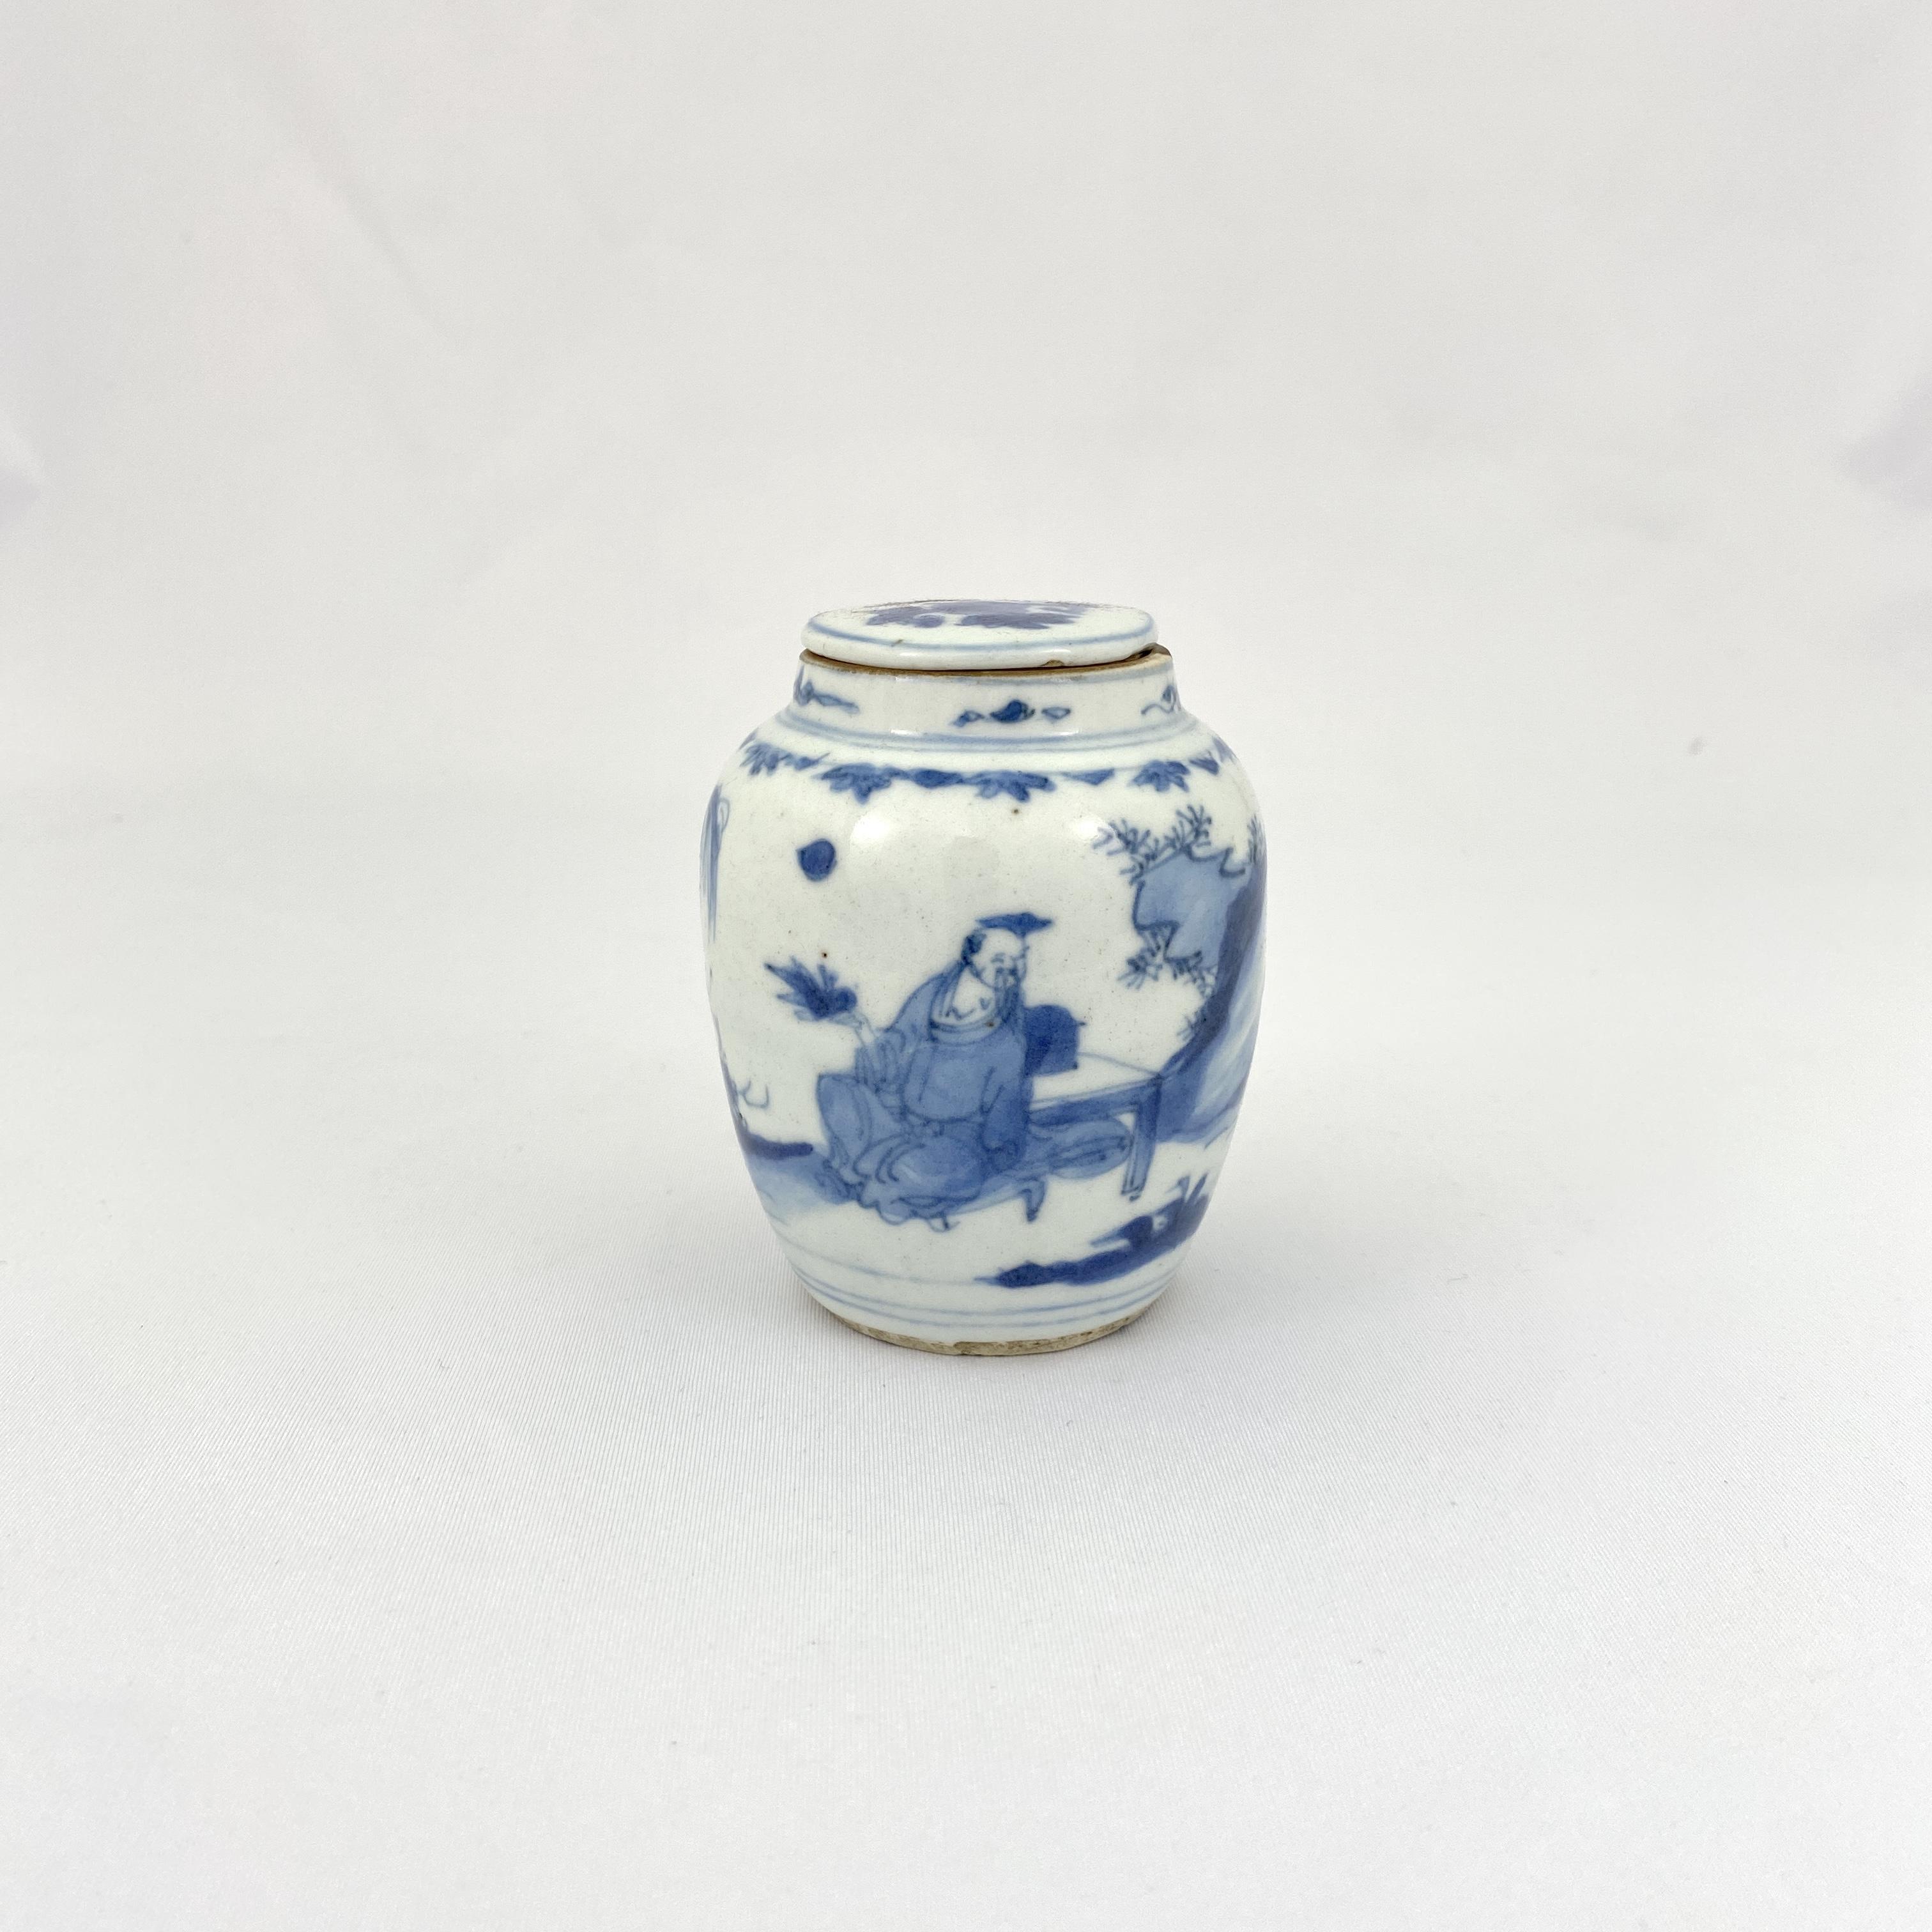 10131明末清初 青花 山水人物図 蓋瓶